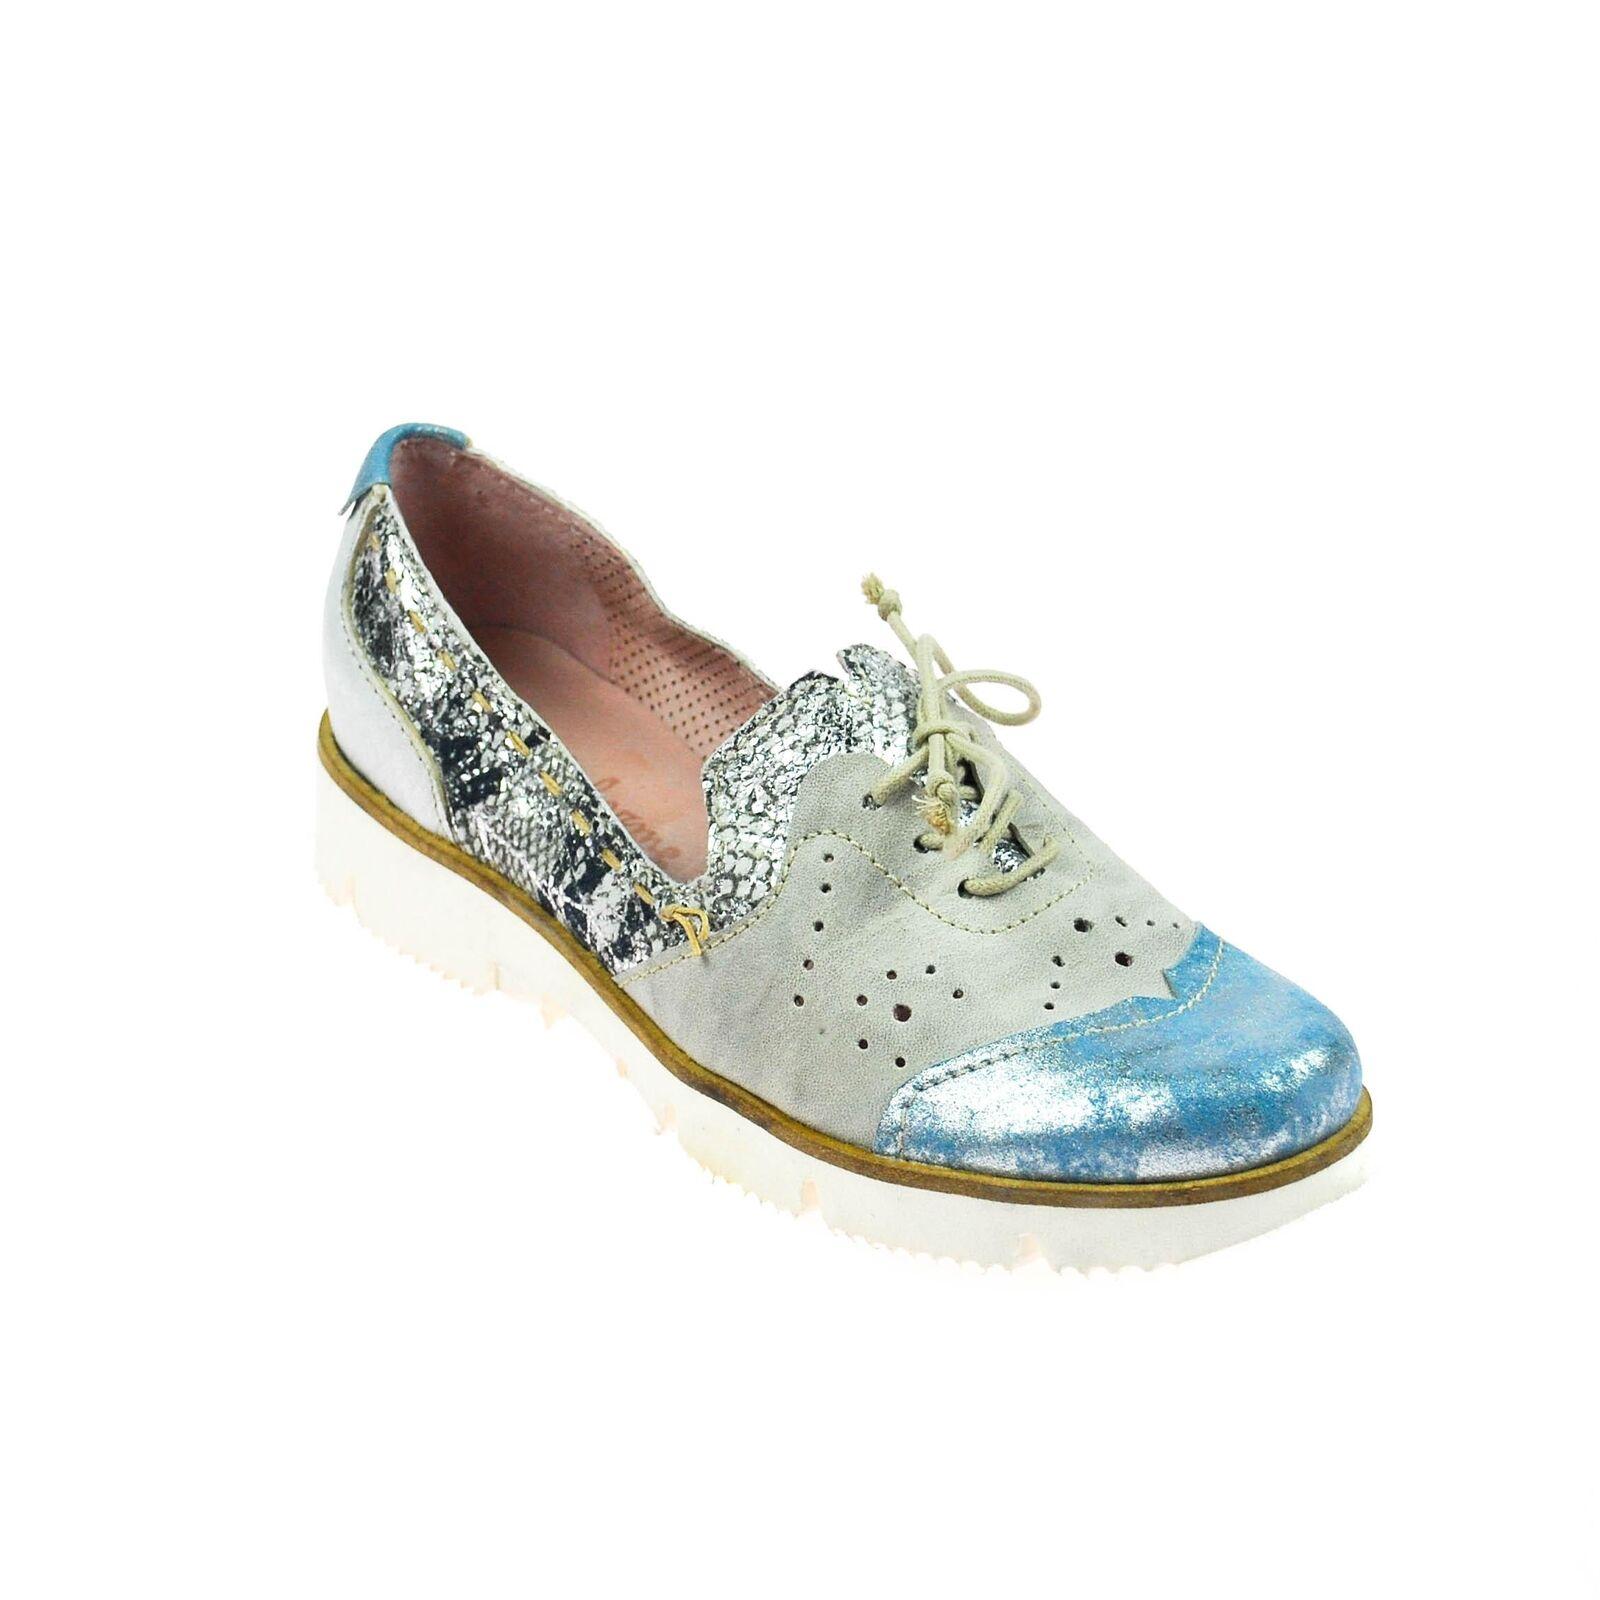 Charme femmes chaussure cuir gris bleu argent multiCouleure Taille 37